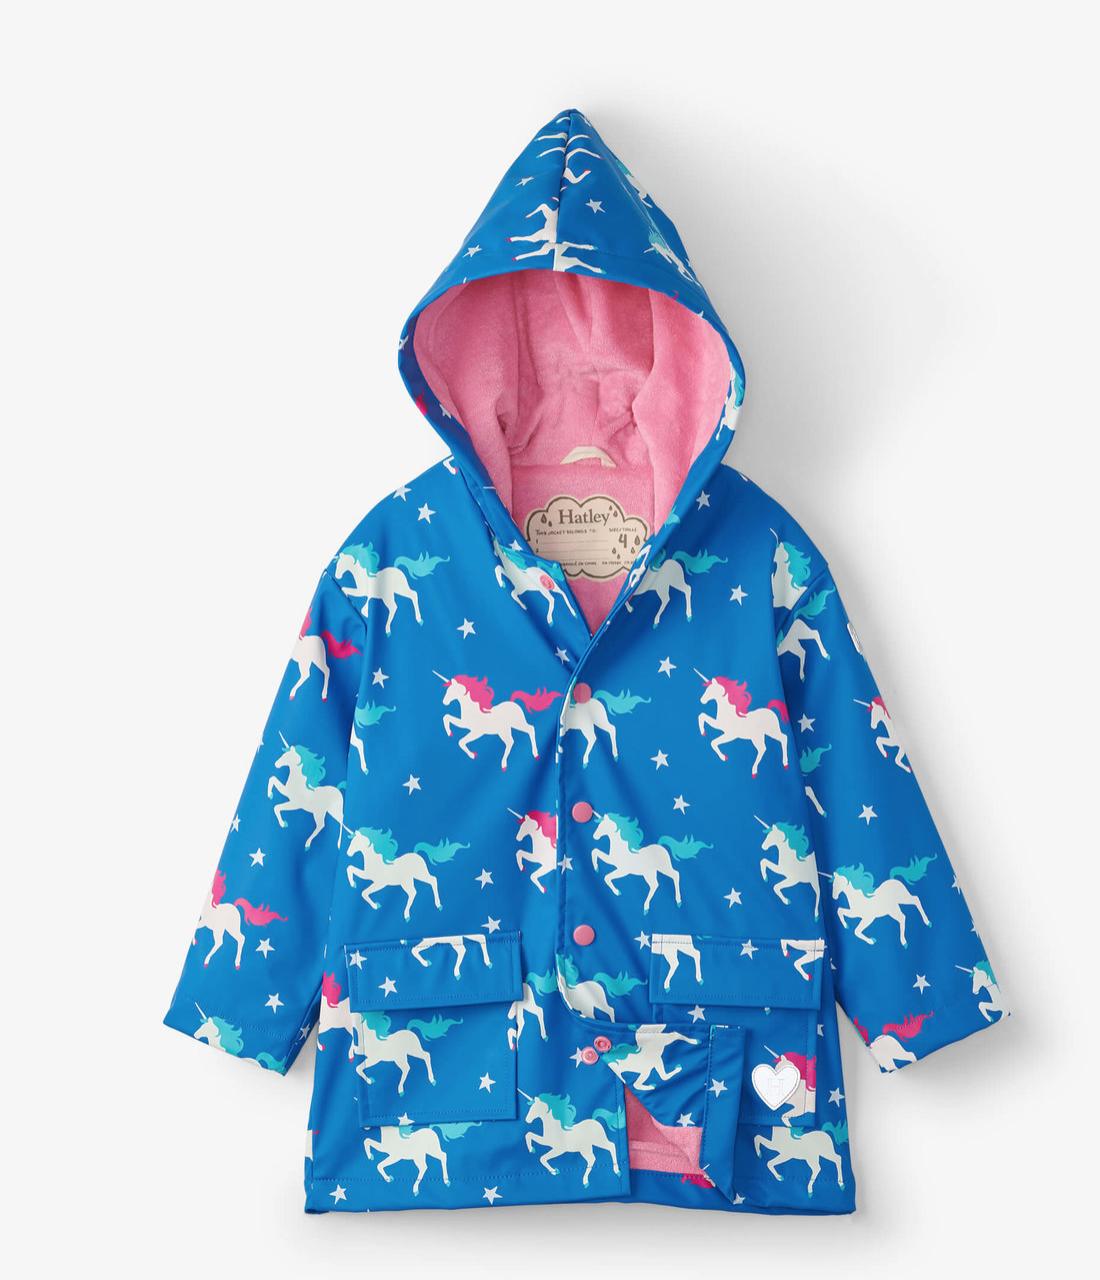 Hatley Twinkle Unicorns Color Changing Raincoat